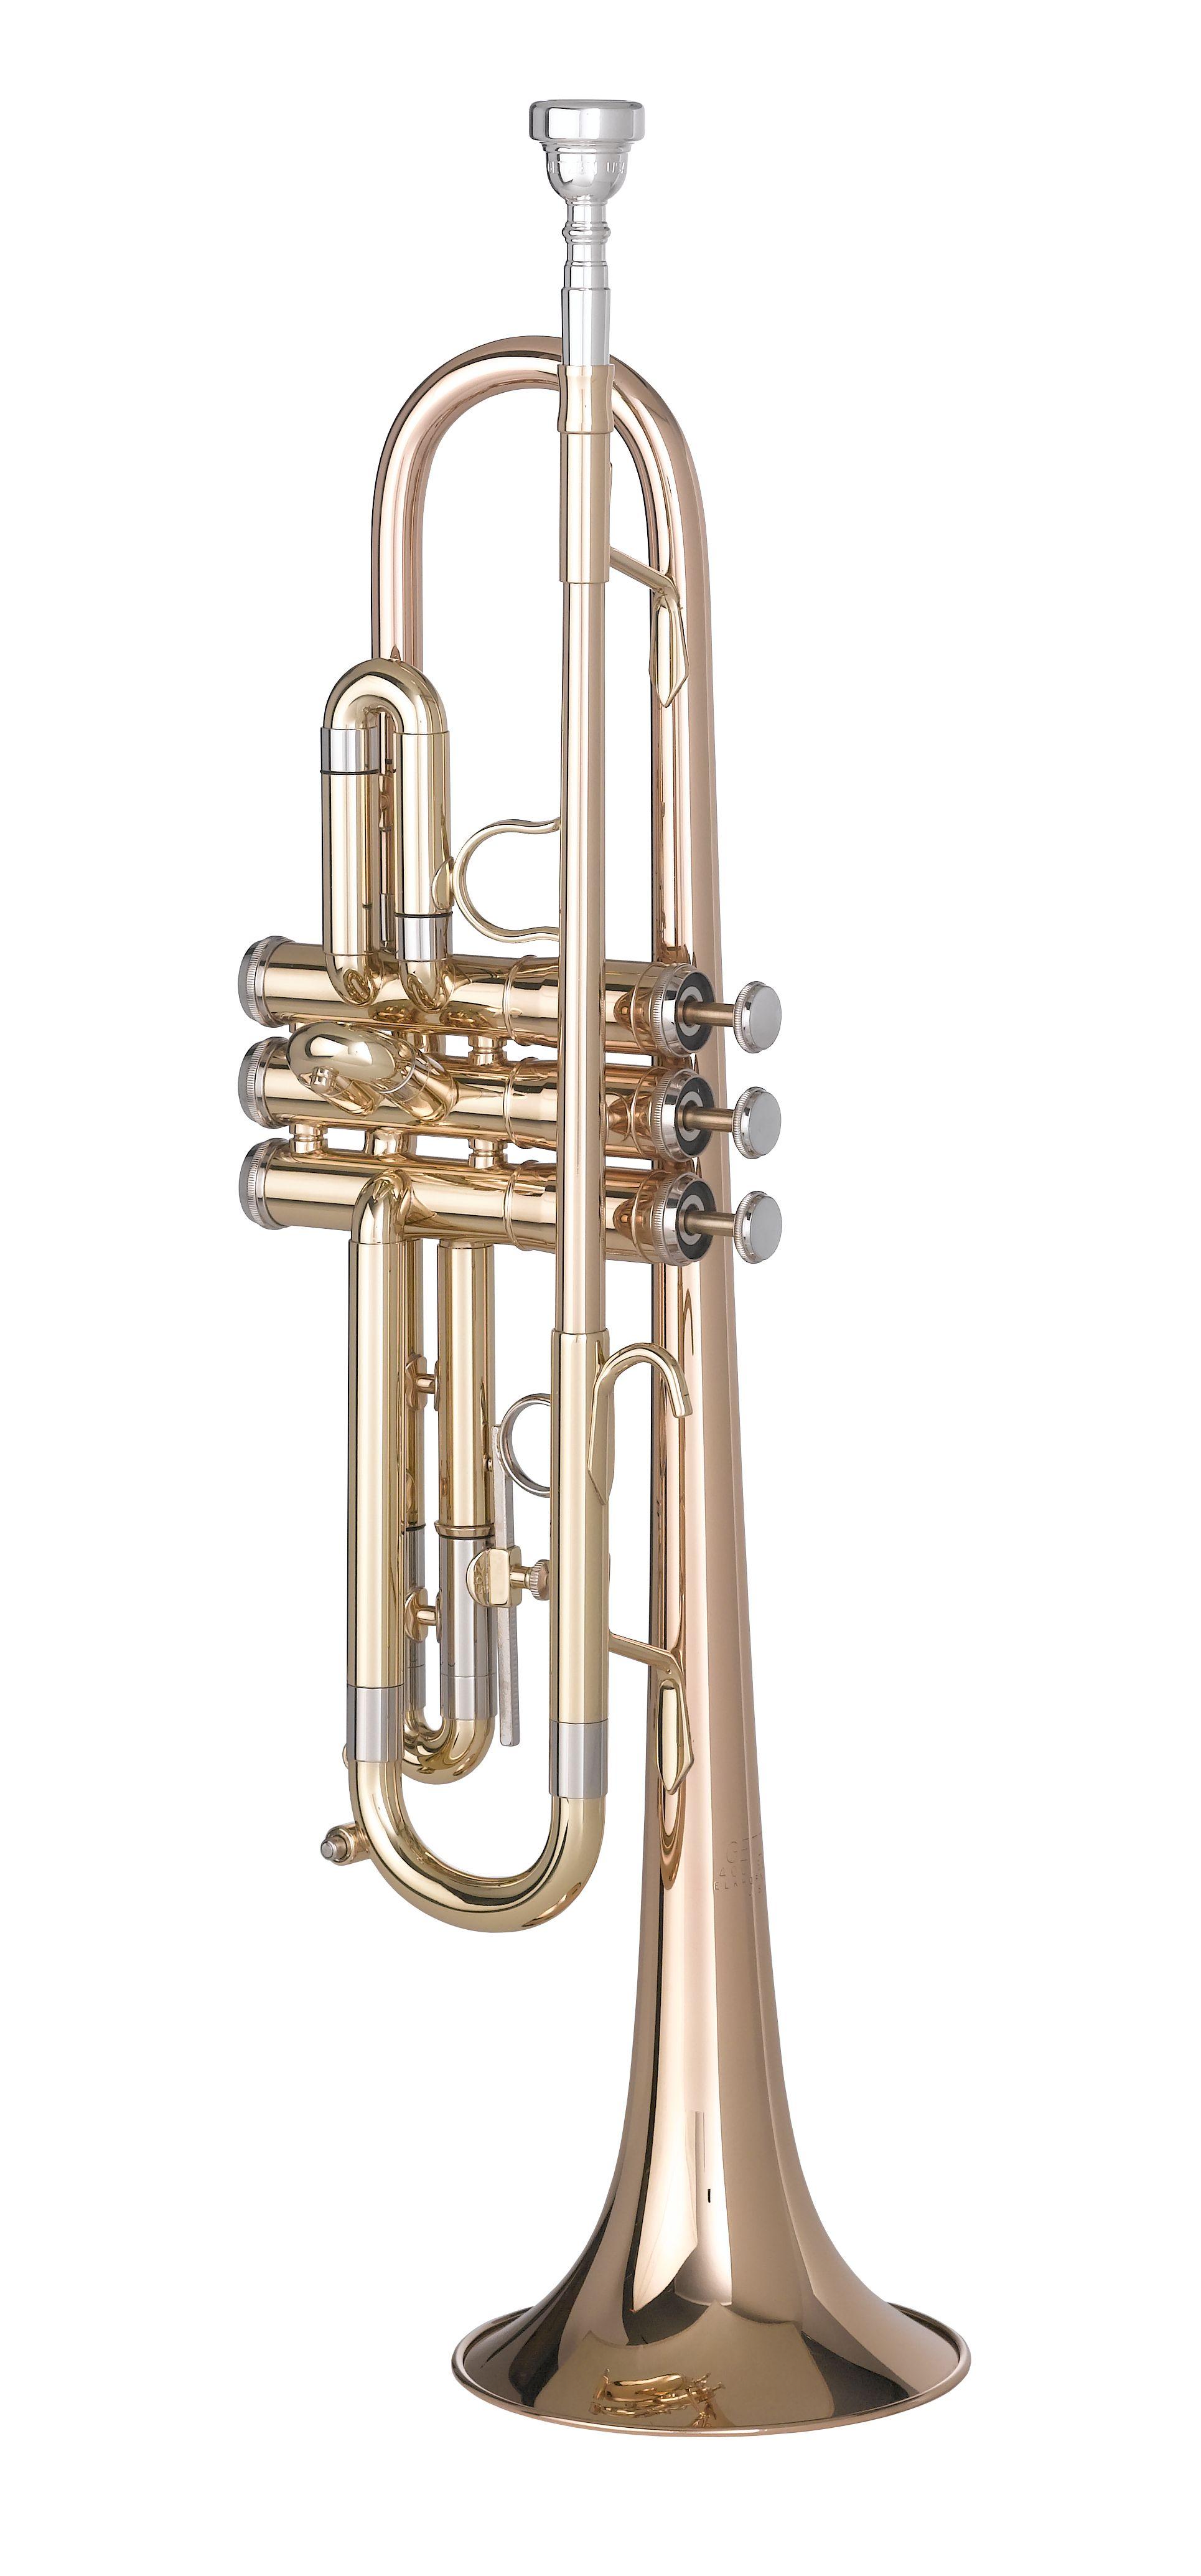 Getzen - 490 - Blechblasinstrumente - Trompeten mit Perinet-Ventilen | MUSIK BERTRAM Deutschland Freiburg